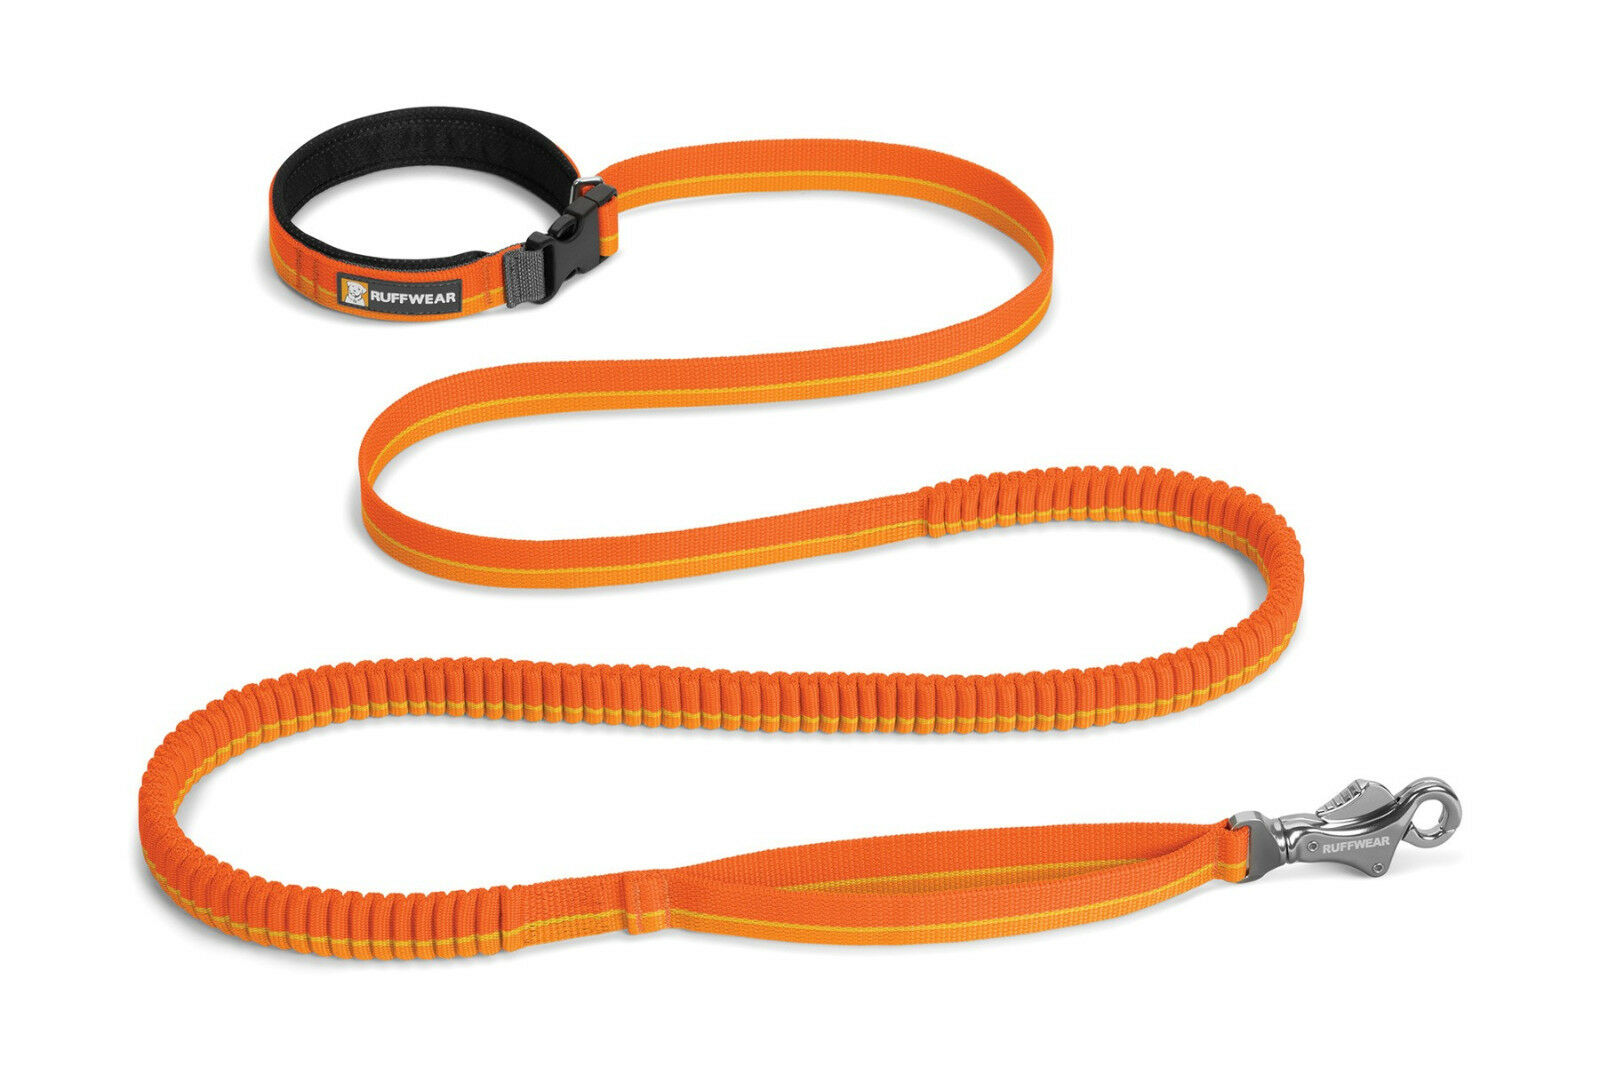 Ruffwear Roamer Hundeleine Leine NEUES MODELL 40354 835 Orange Sunset NEU       Haltbarkeit